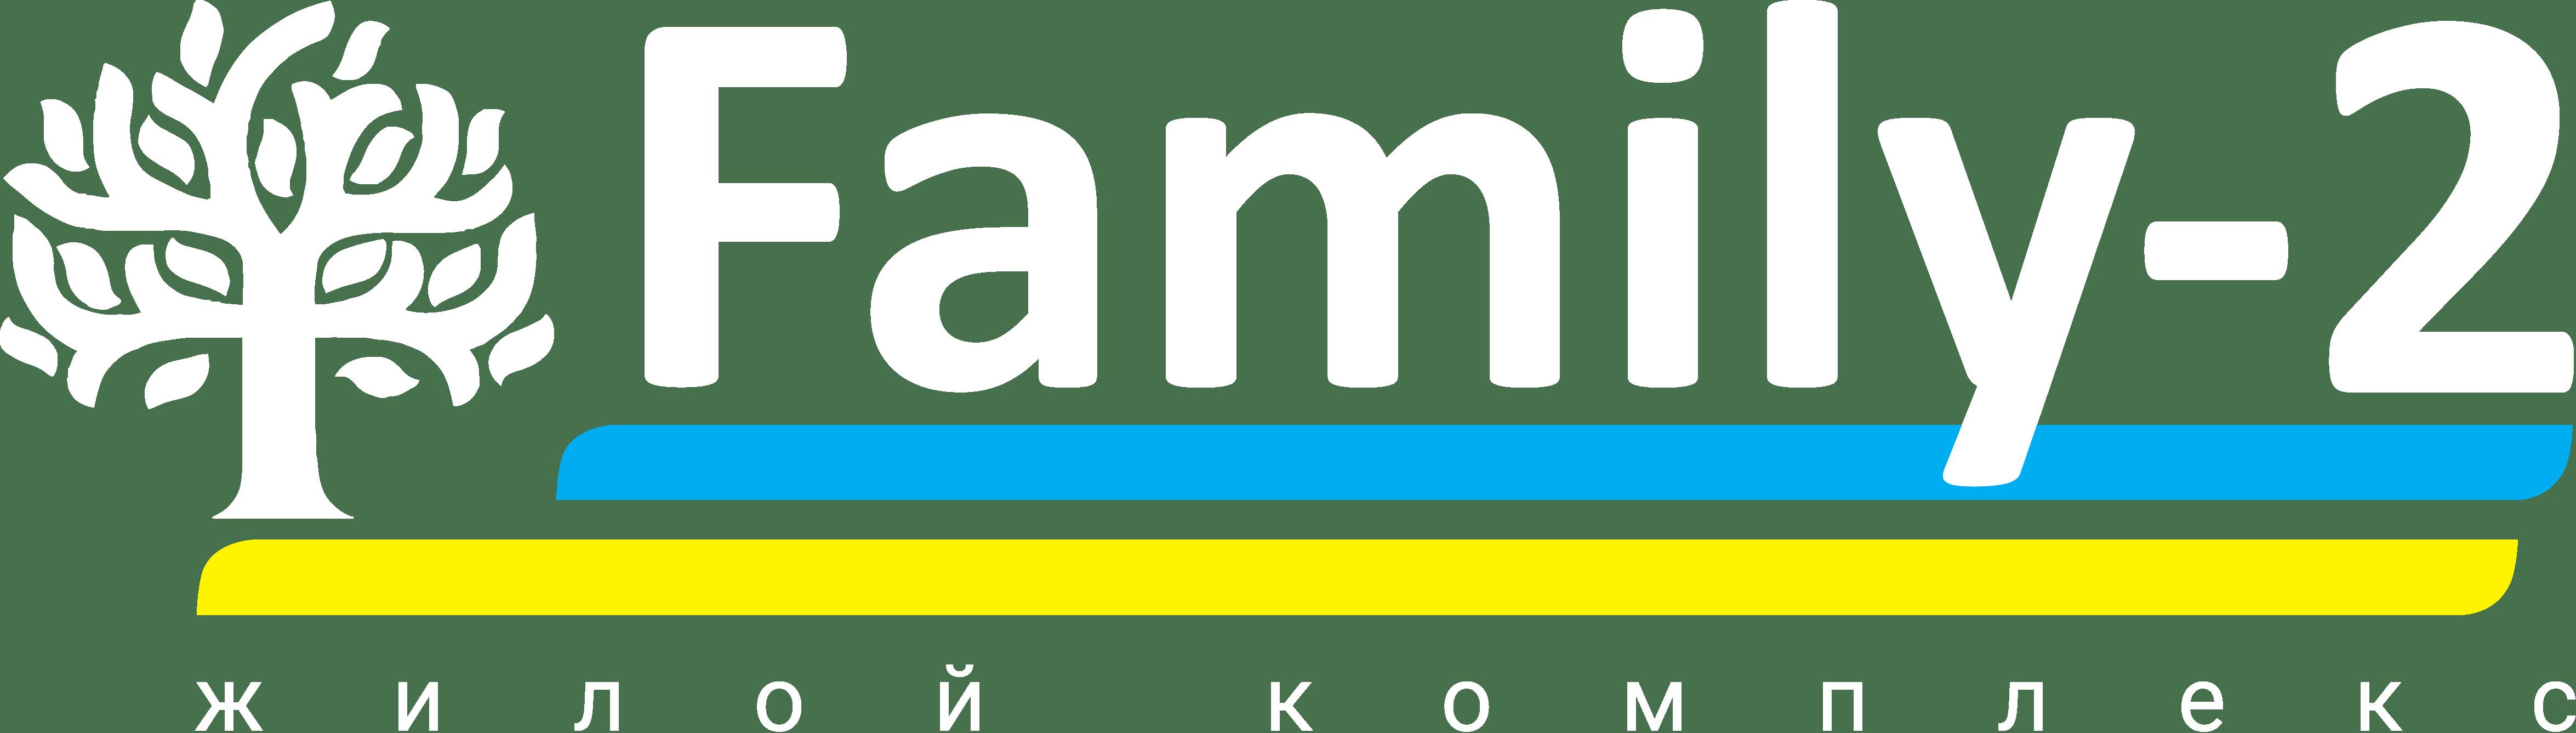 ЖК Family-2